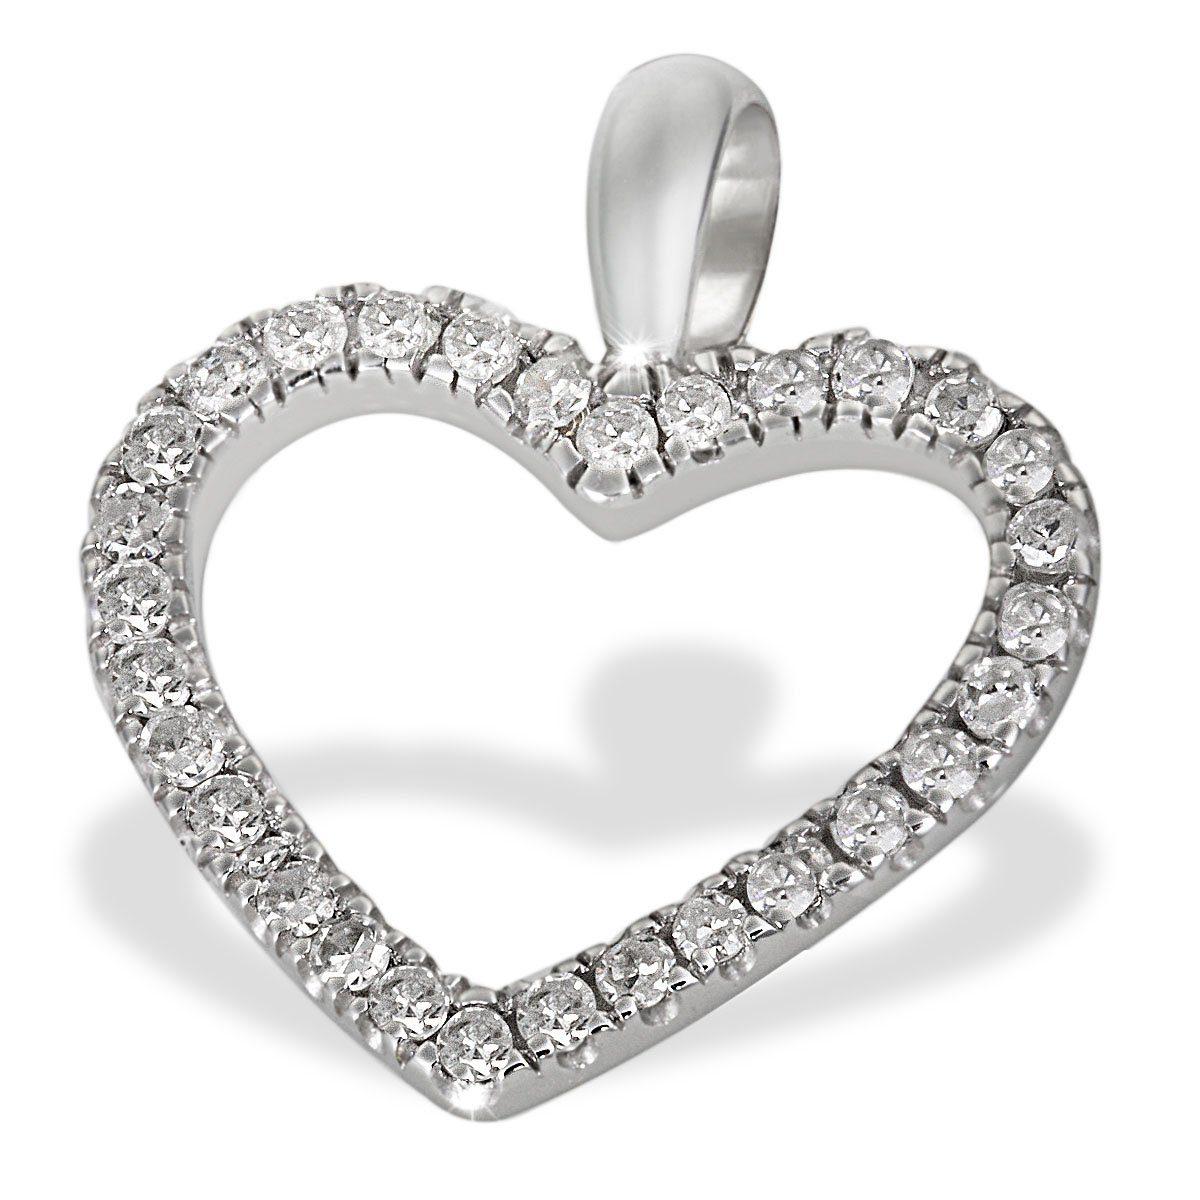 goldmaid Anhänger Herz 585/- Weißgold 30 Diamanten 0,16 ct. | Schmuck > Halsketten > Herzketten | Weiß | GOLDMAID